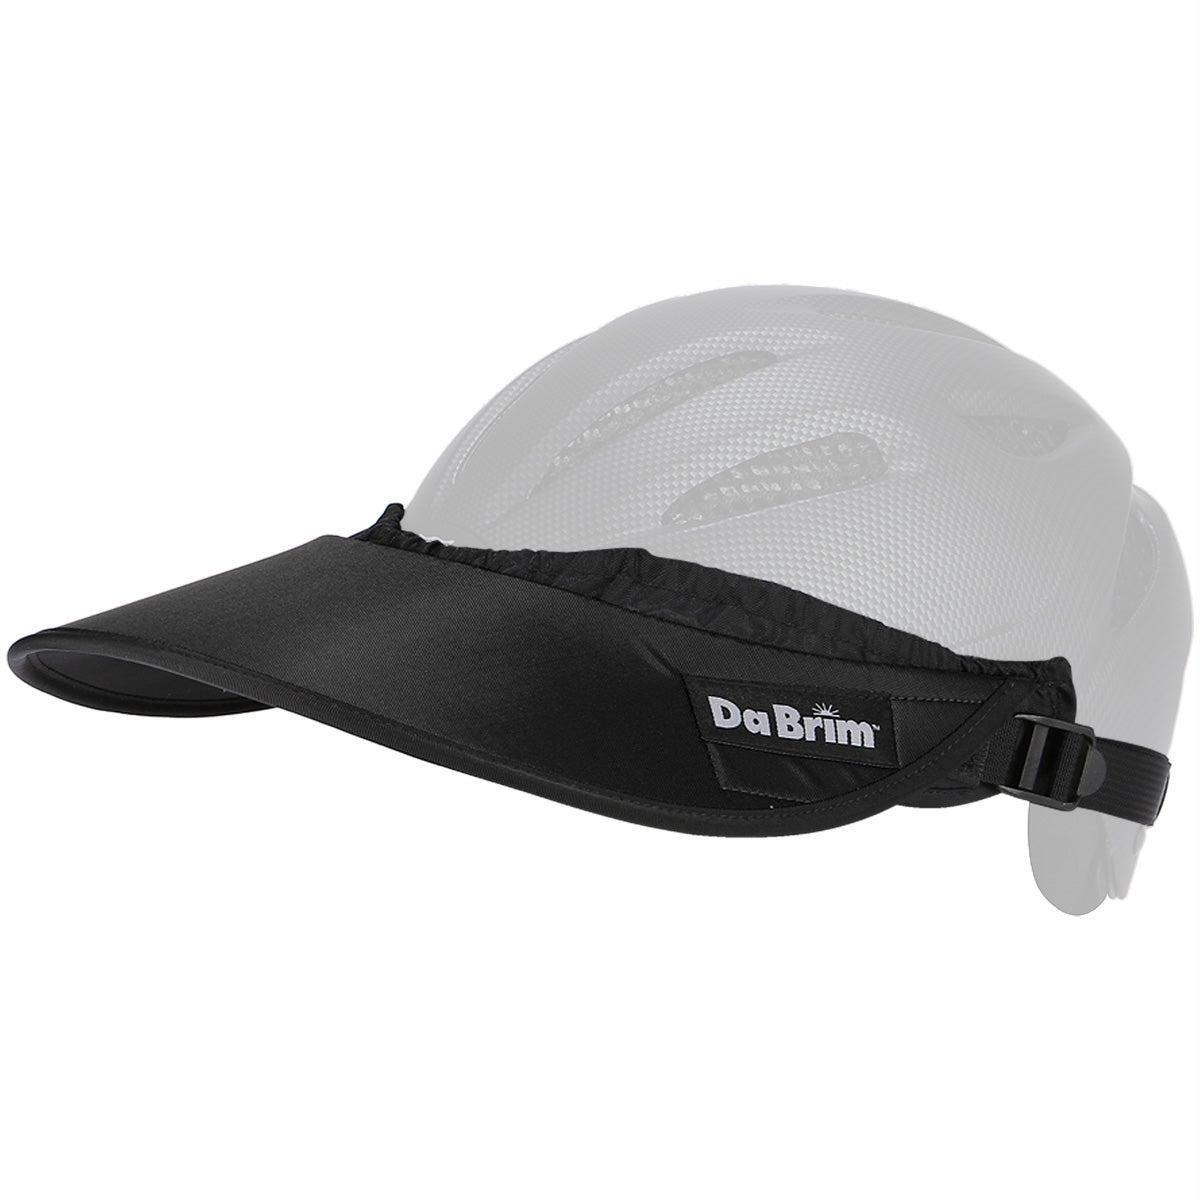 1132ae3f DaBrim Rezzo Equestrian Helmet Visor and Attachment Set - Riding ...